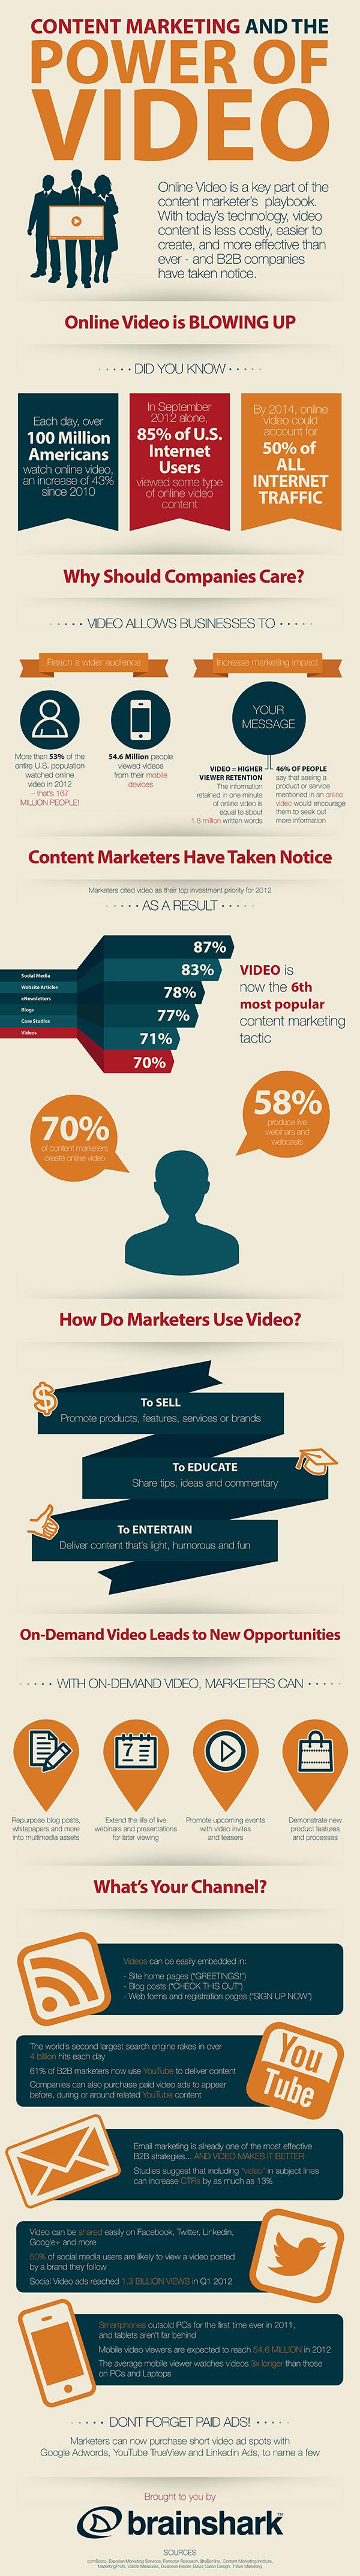 Infographie sur les vidéos comme content marketing